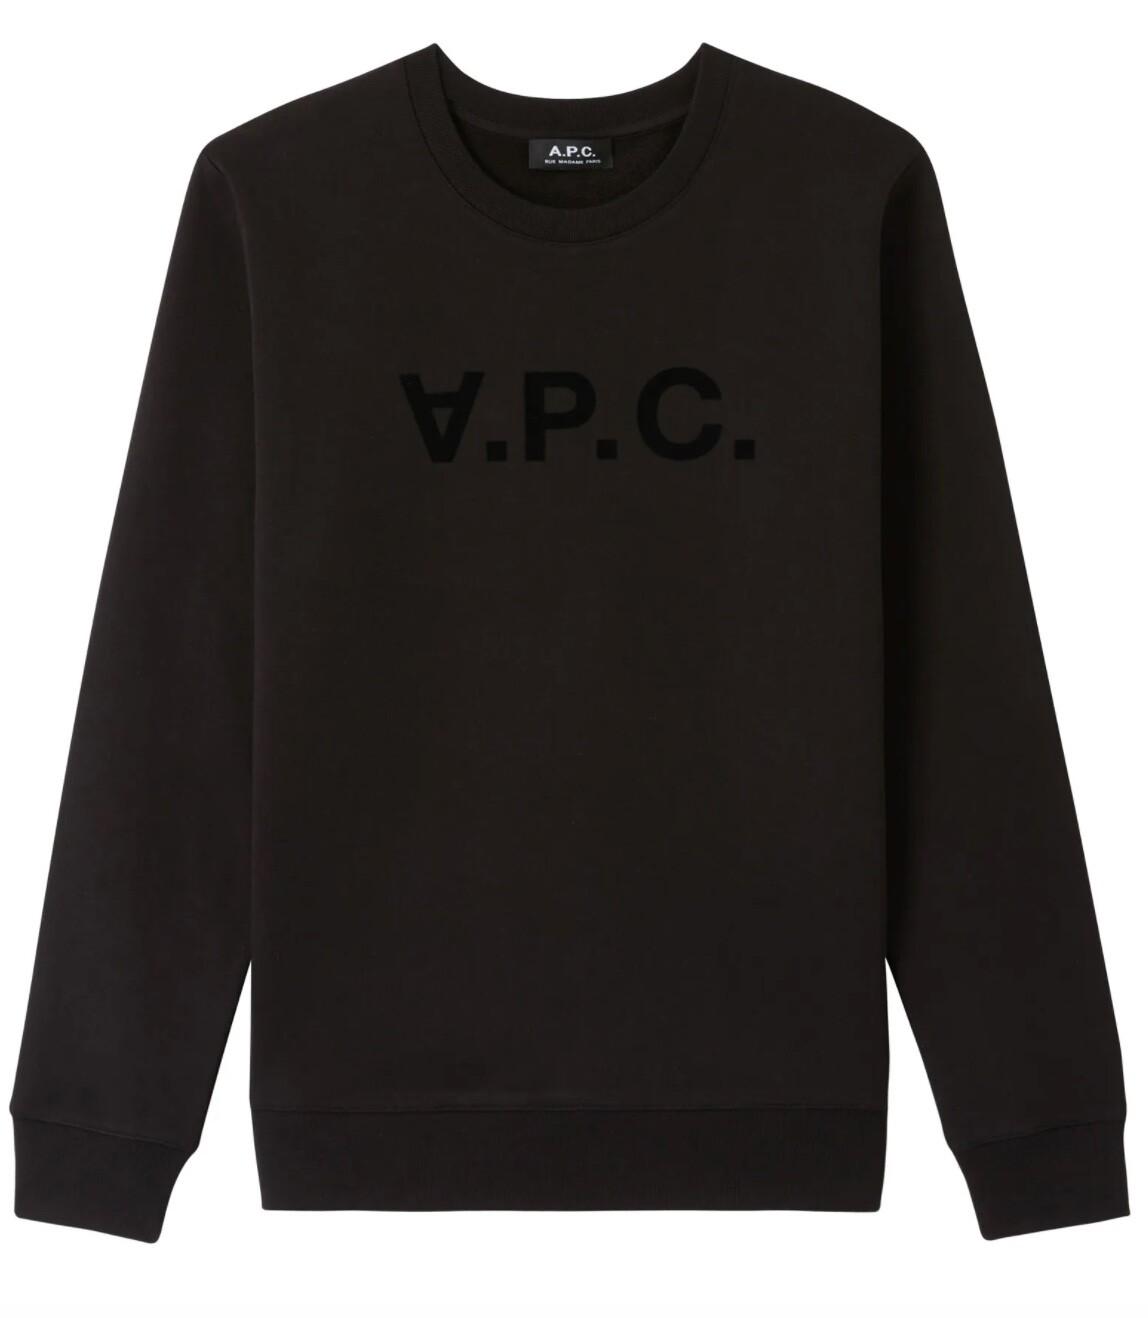 SWEAT A.P.C black